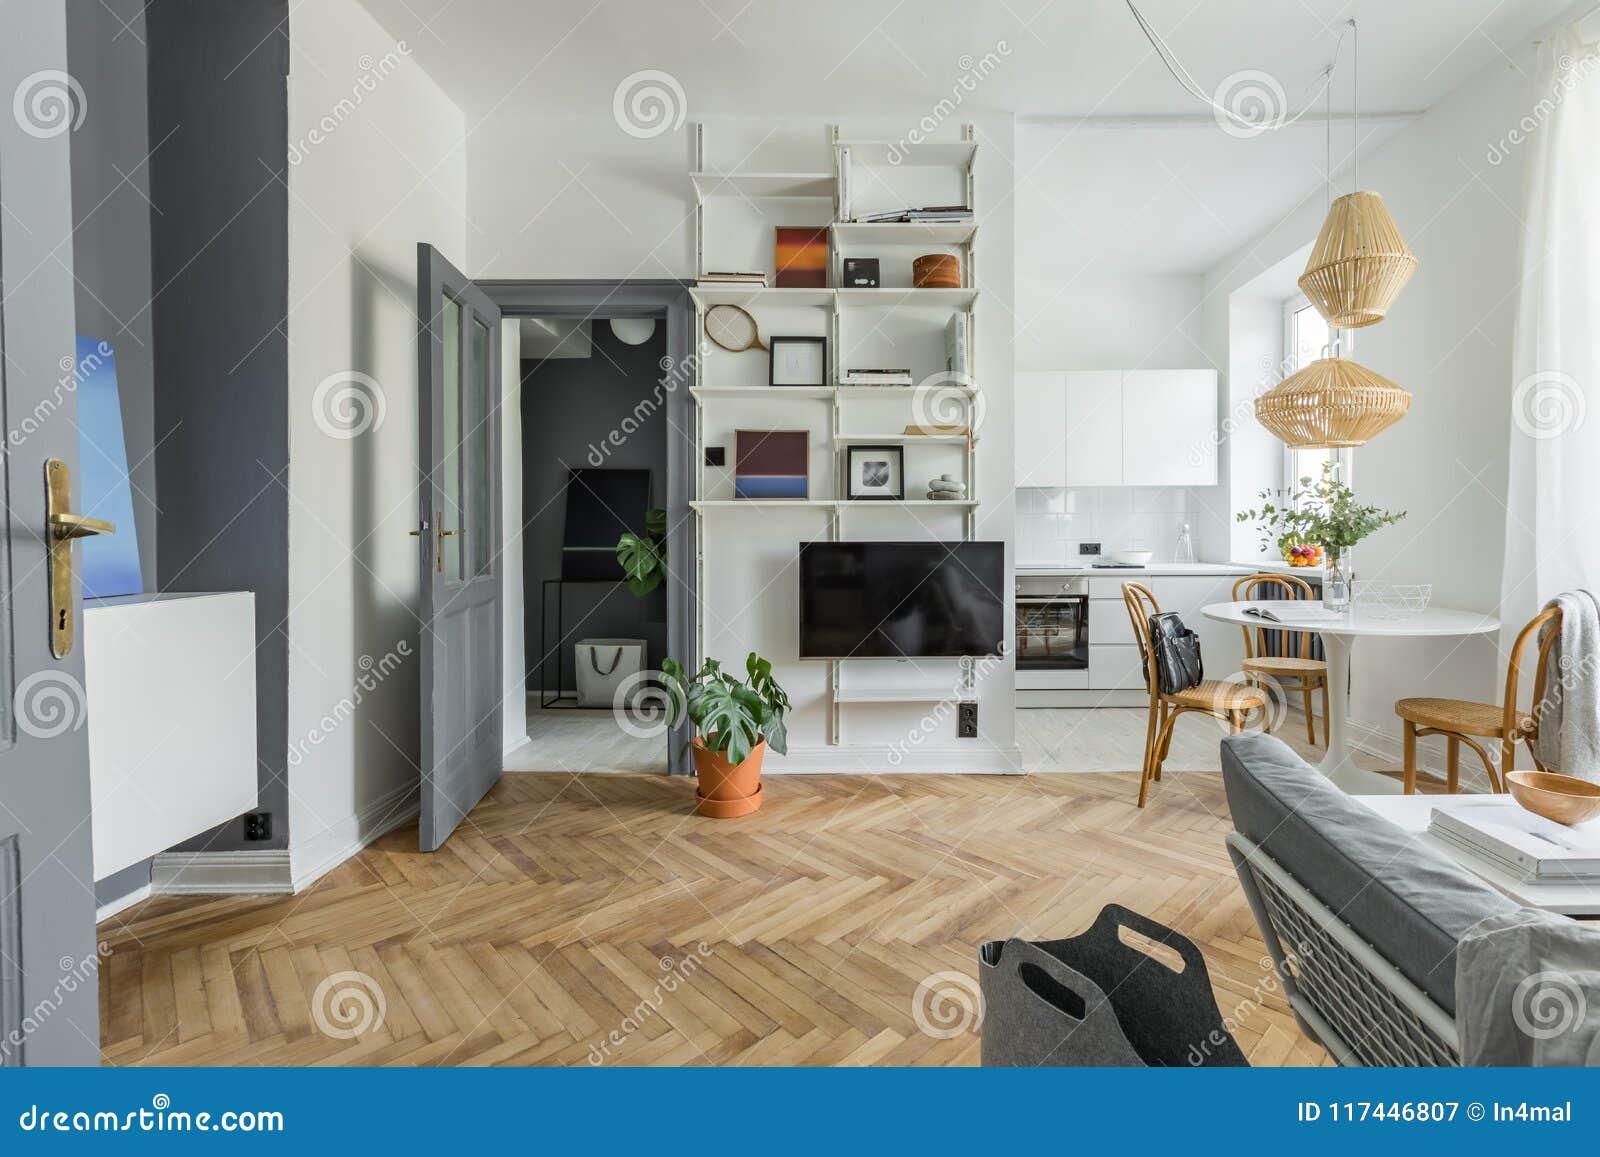 在斯堪的纳维亚样式的公寓